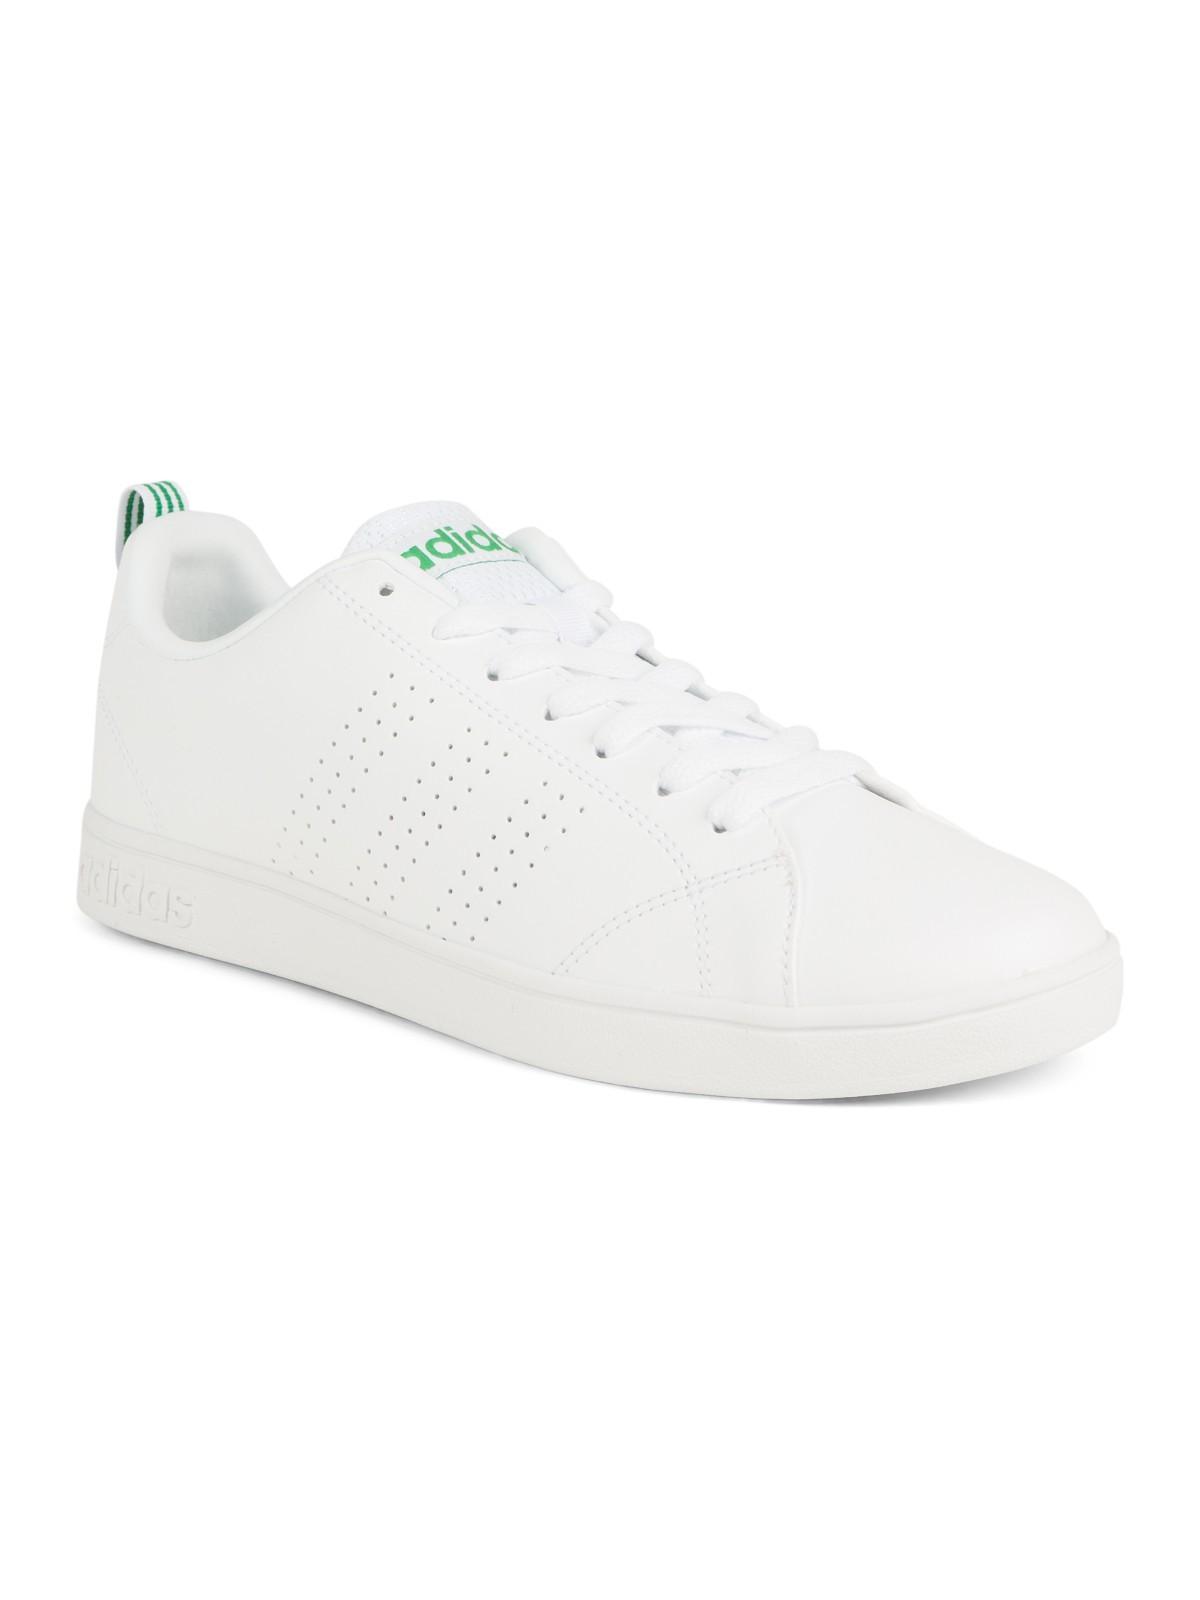 adidas neo blanche et verte